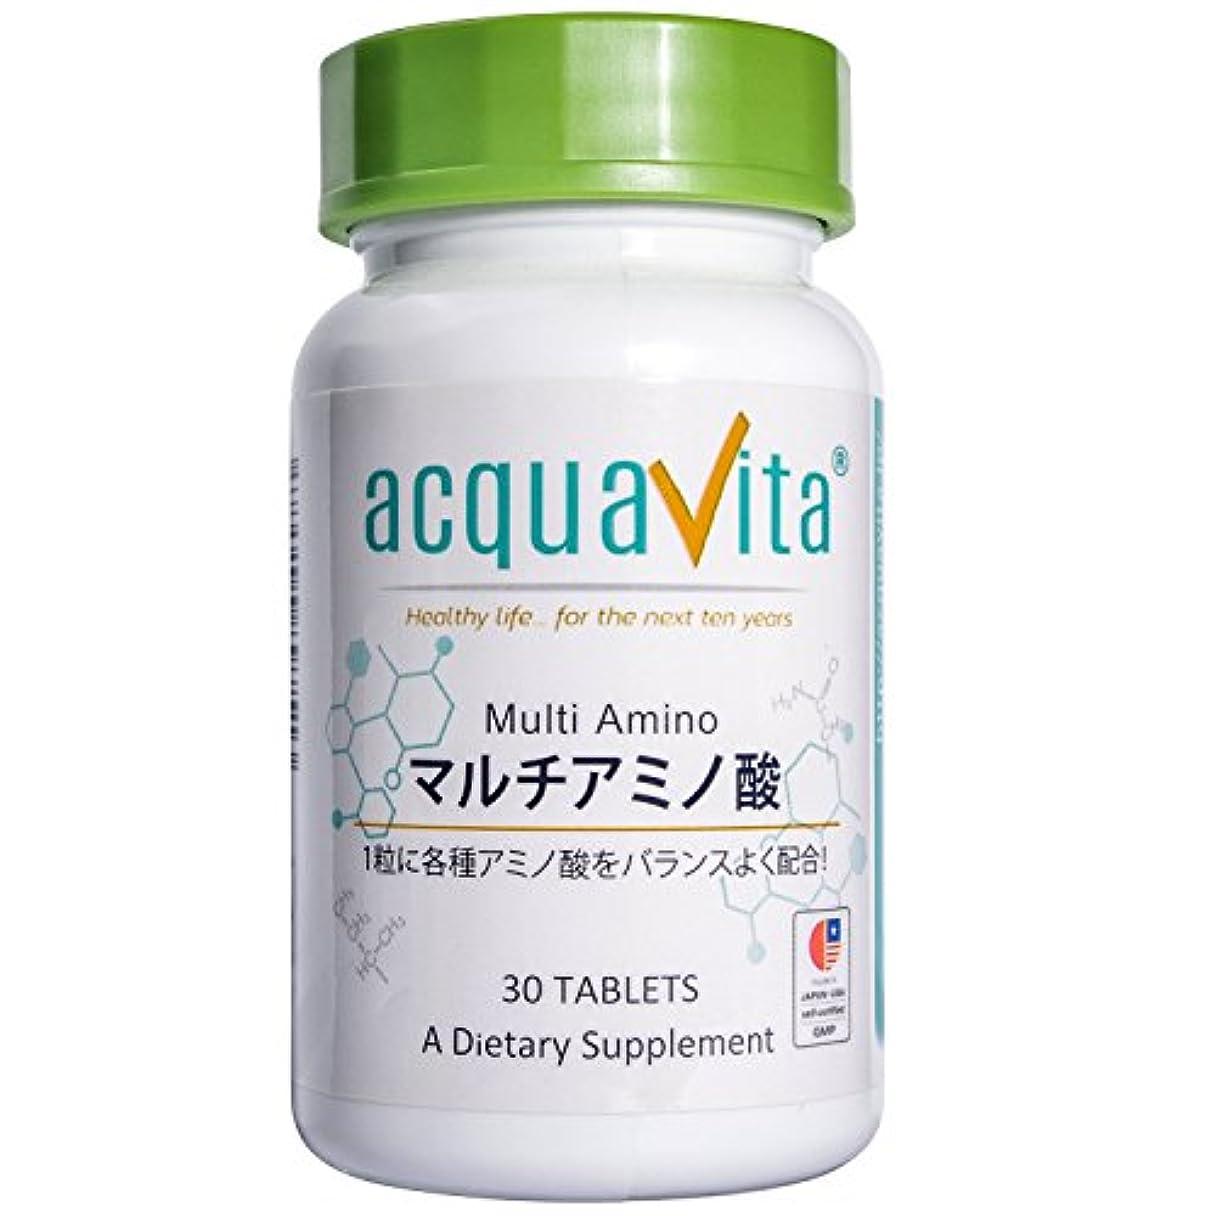 肌寒い不良鮮やかなacquavita(アクアヴィータ) マルチアミノ酸 30粒